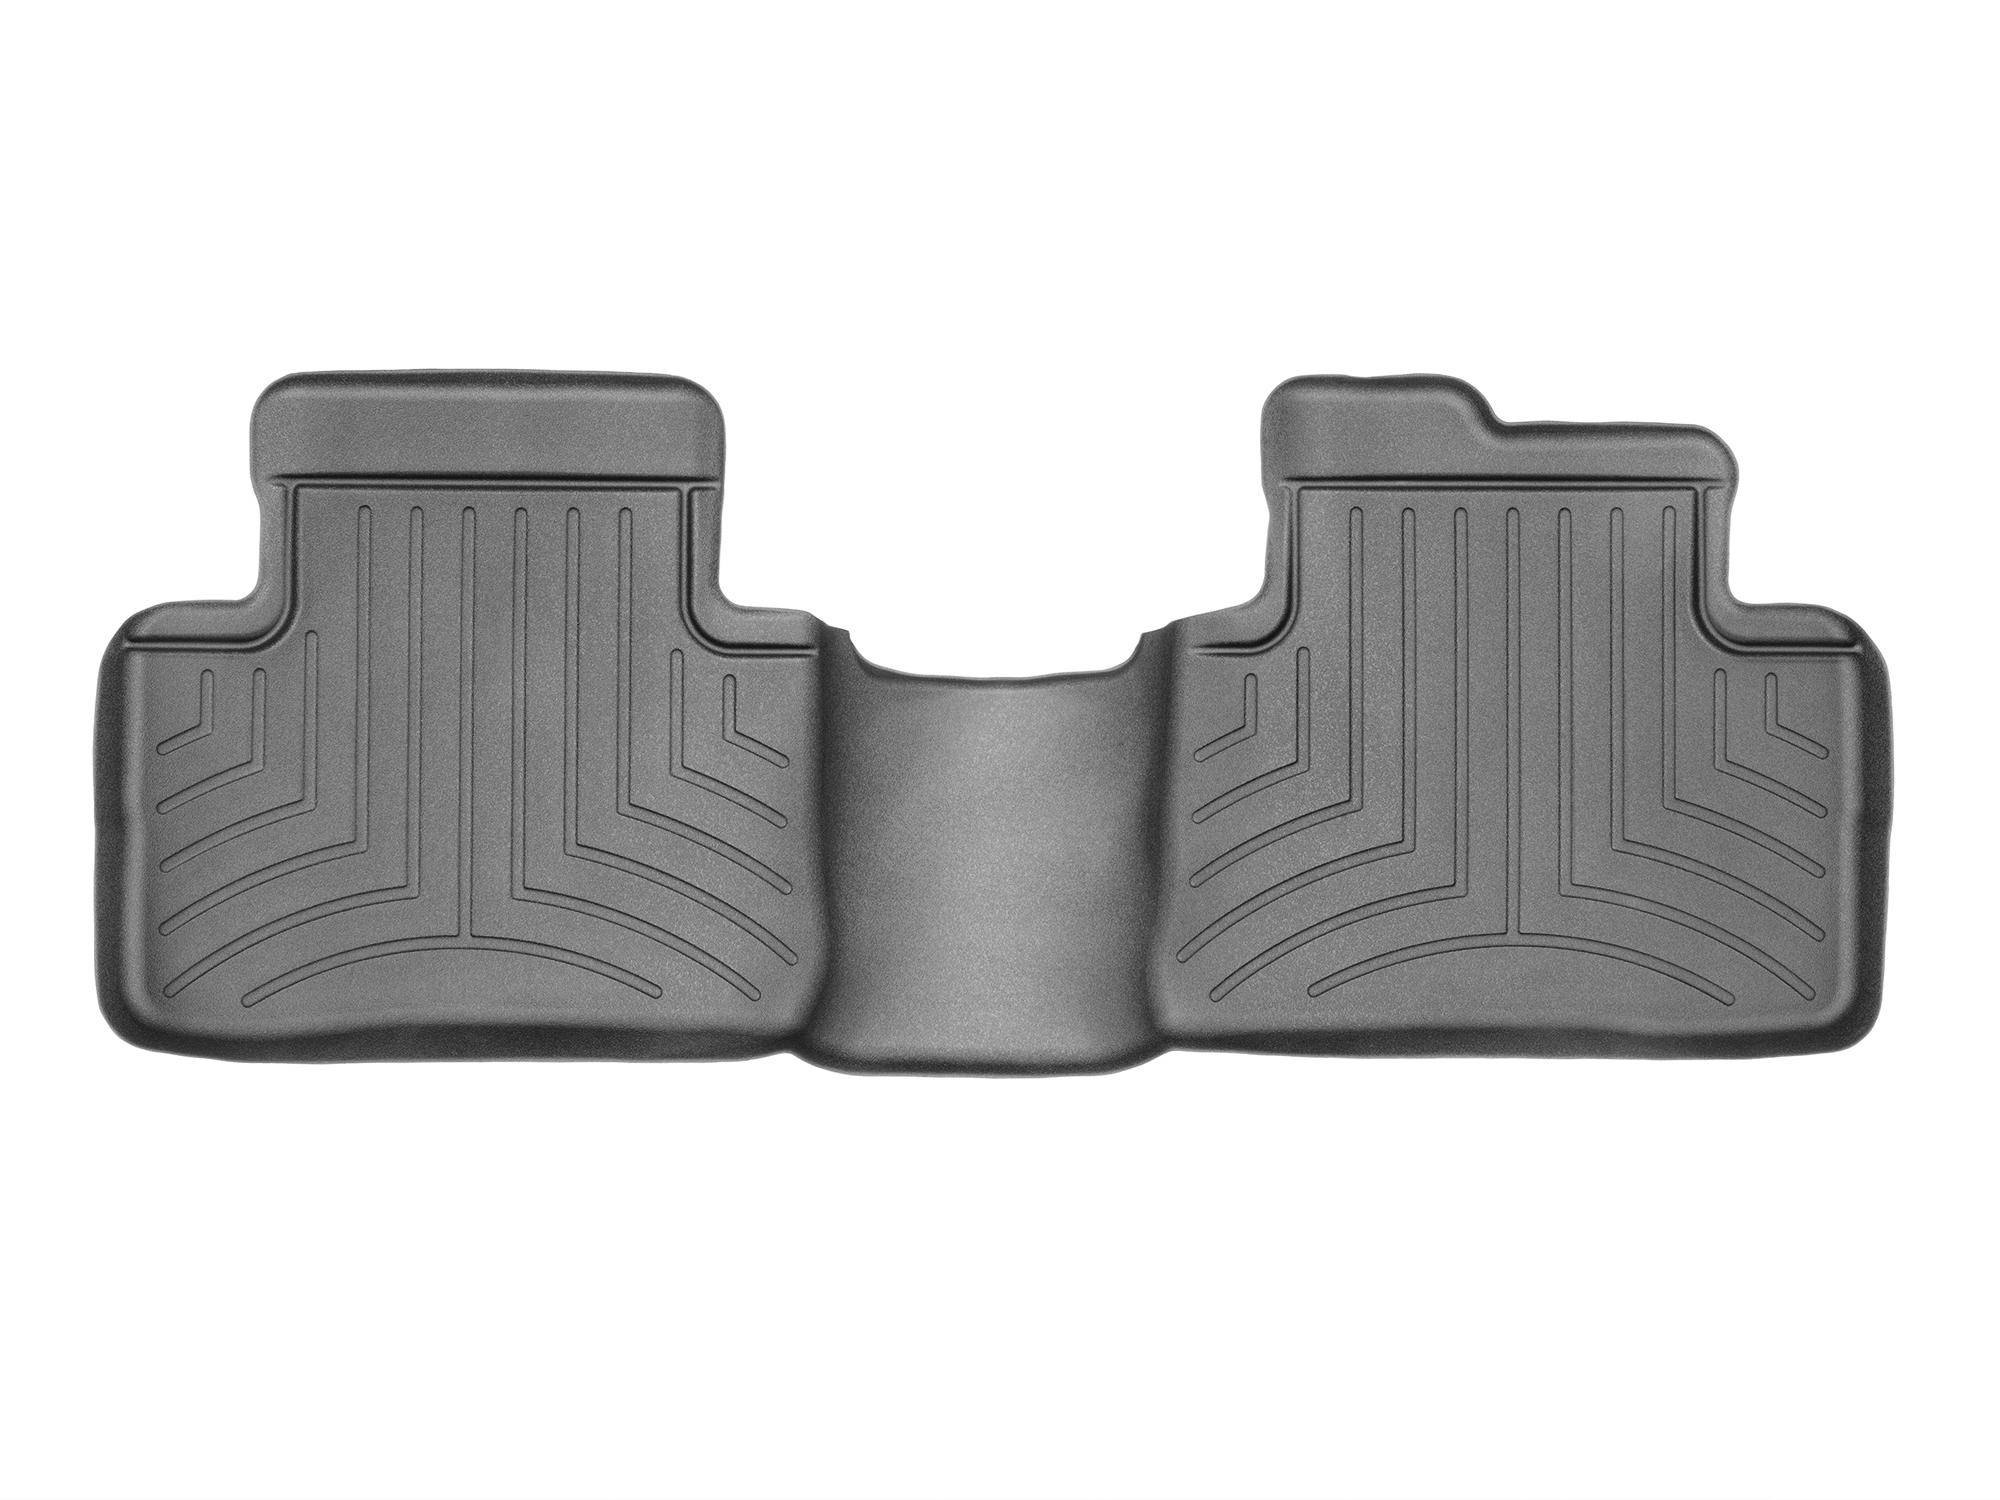 Tappeti gomma su misura bordo alto Nissan X-Trail 14>14 Nero A2939